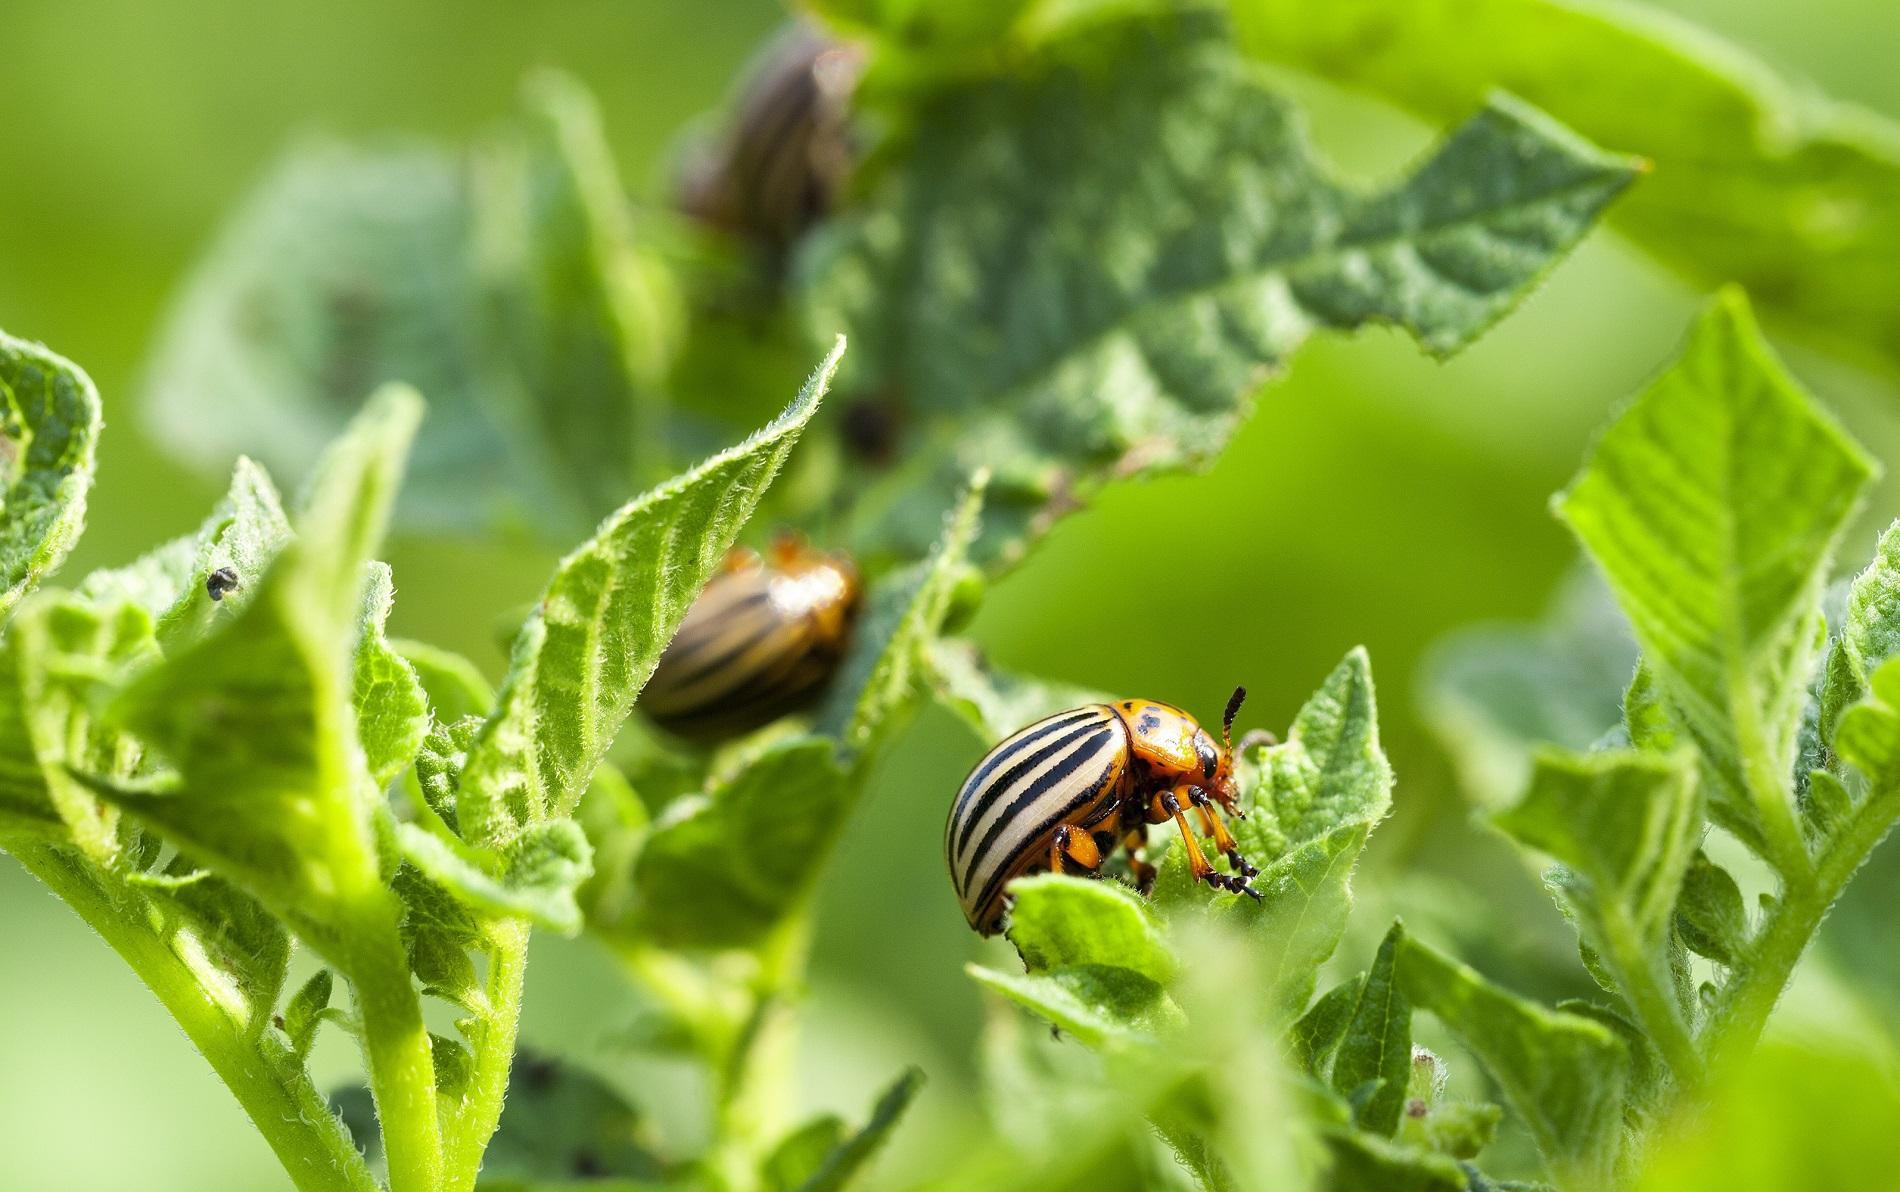 Buenas prácticas agrícolas: Prevención y control de plagas y enfermedades